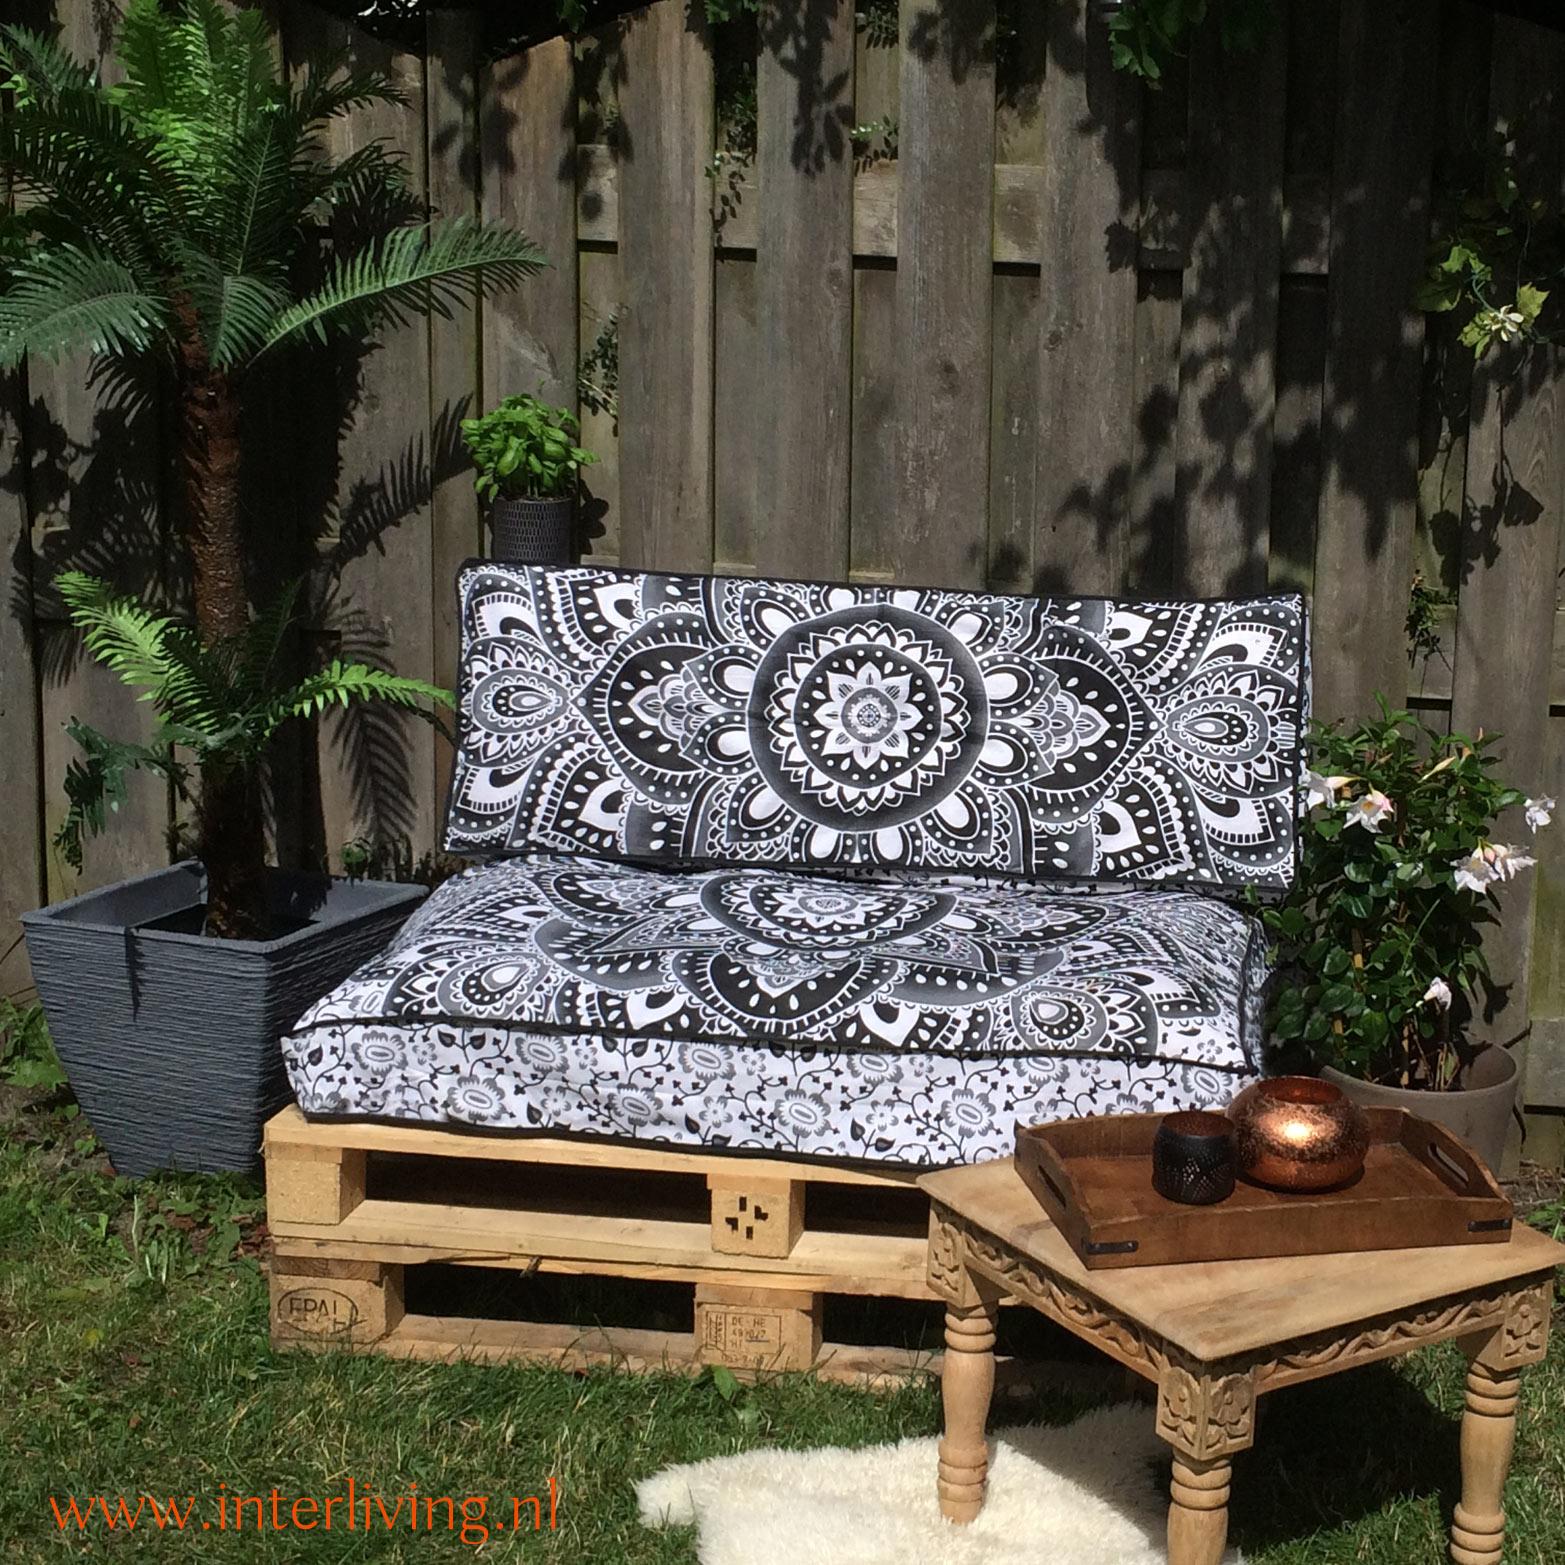 Oosterse basic boho palletkussen met losse kussenovertrek - mooie sjieke zwart wit grijs tinten bij je DIY palletbank van pallet hout in de tuin om te maken